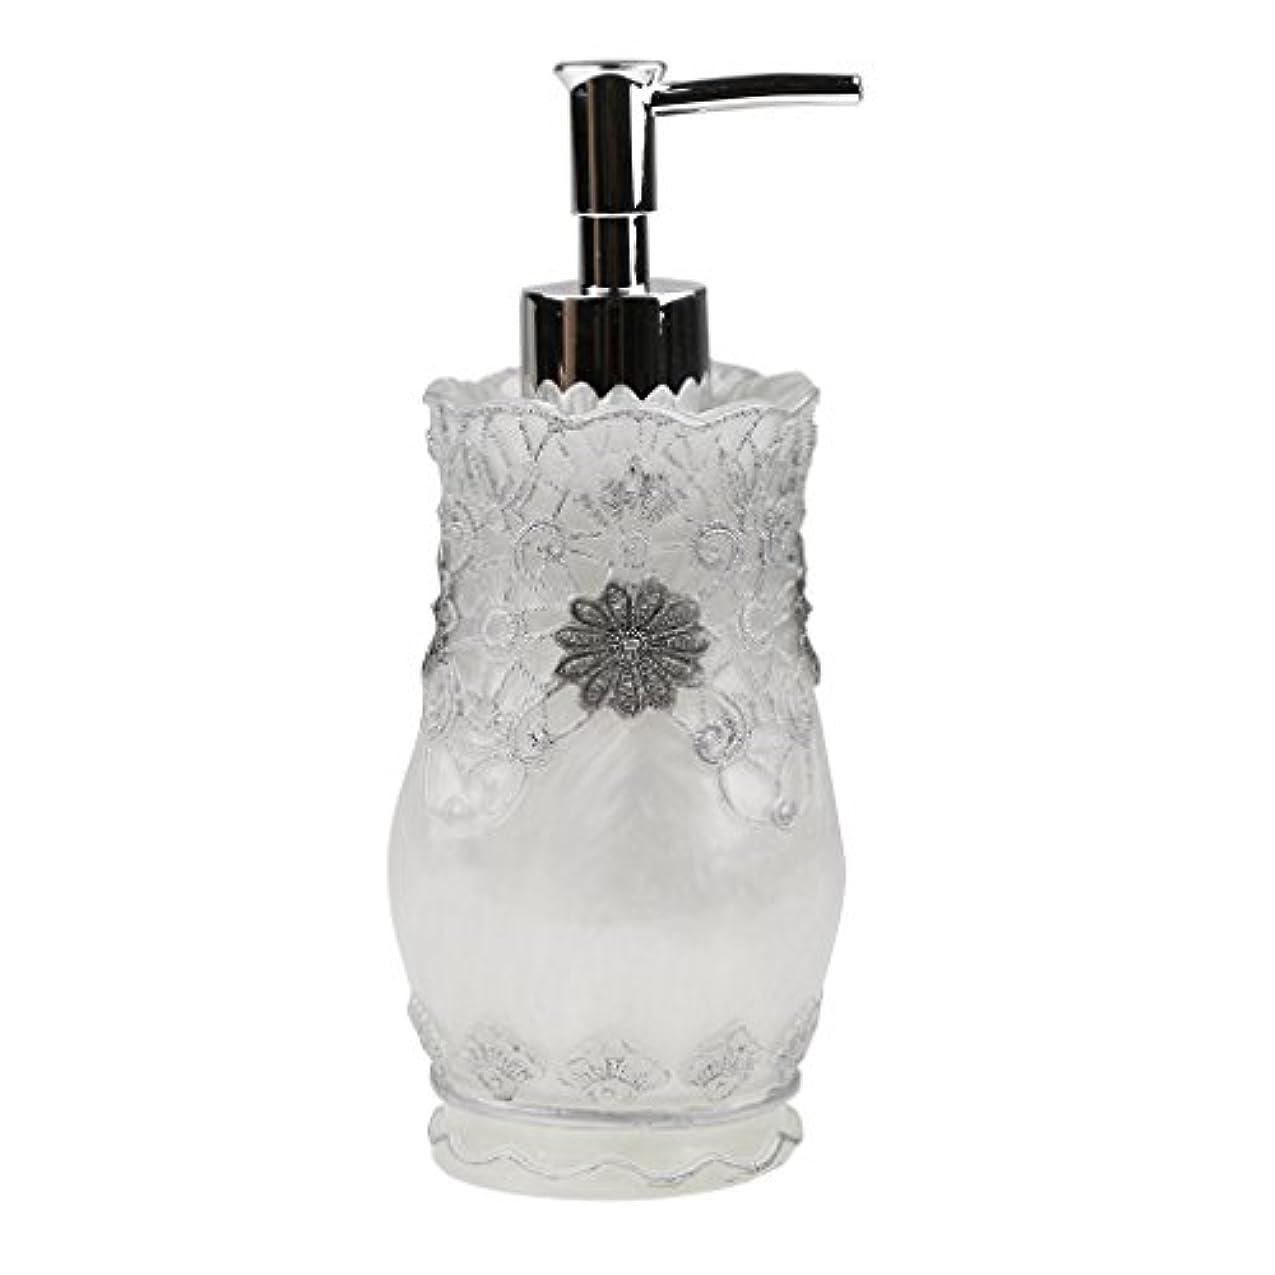 望むバーター病者Flameer シャンプー ボディークレンザー 液体石鹸などローション適用 詰め替え 高品質 樹脂 空 ポンプ瓶 全4種類  - #2